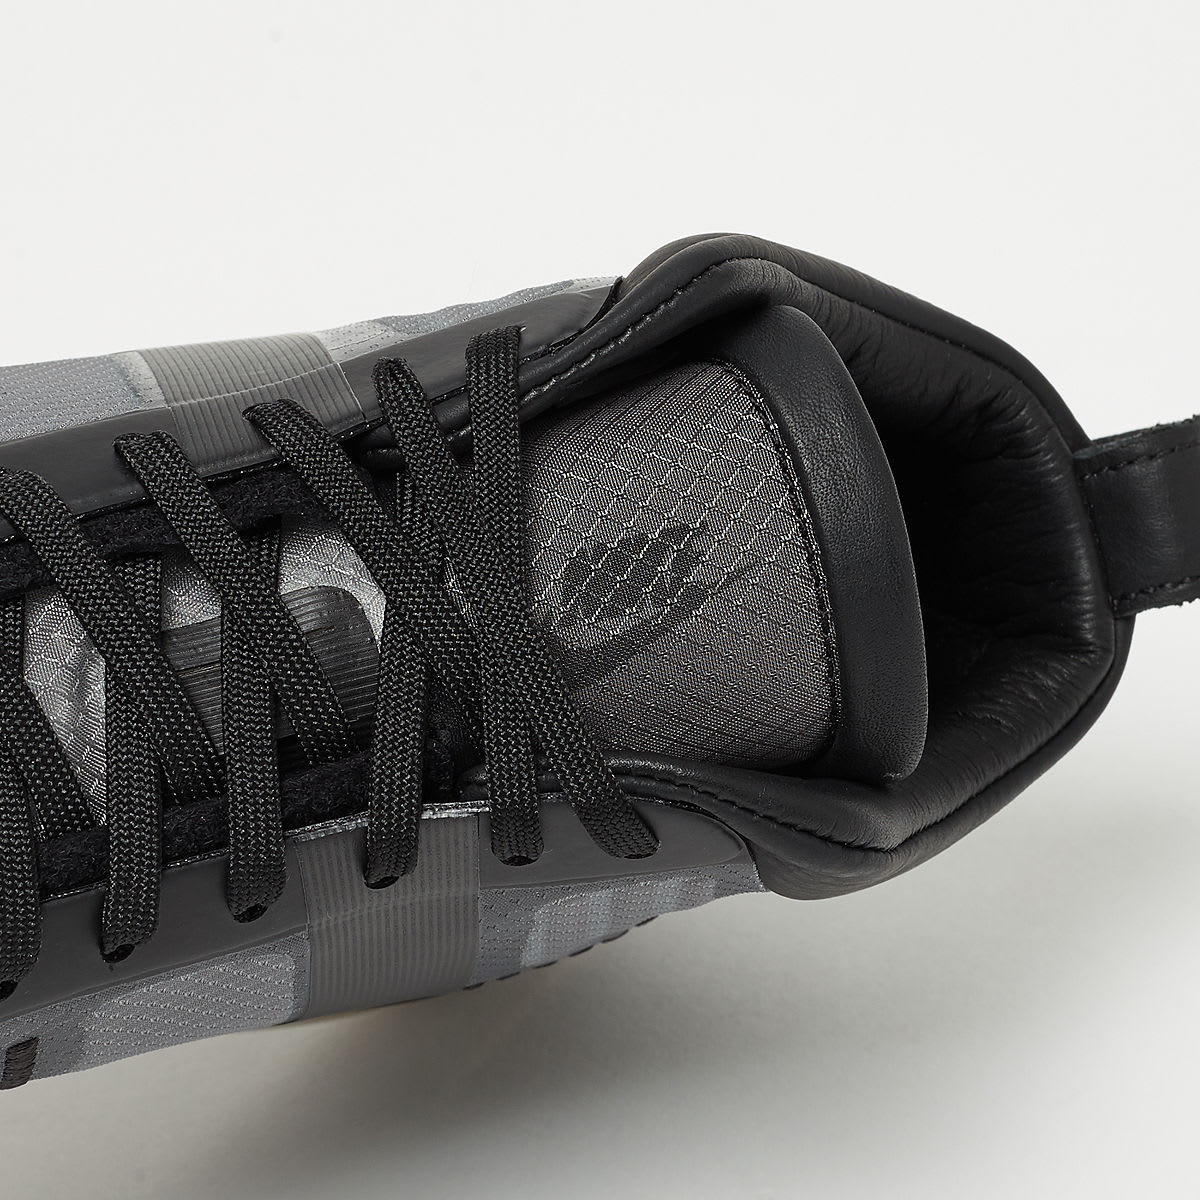 John Elliott x Nike LeBron Icon QS 'Black/Gum' AQ0114-001 (Tongue)